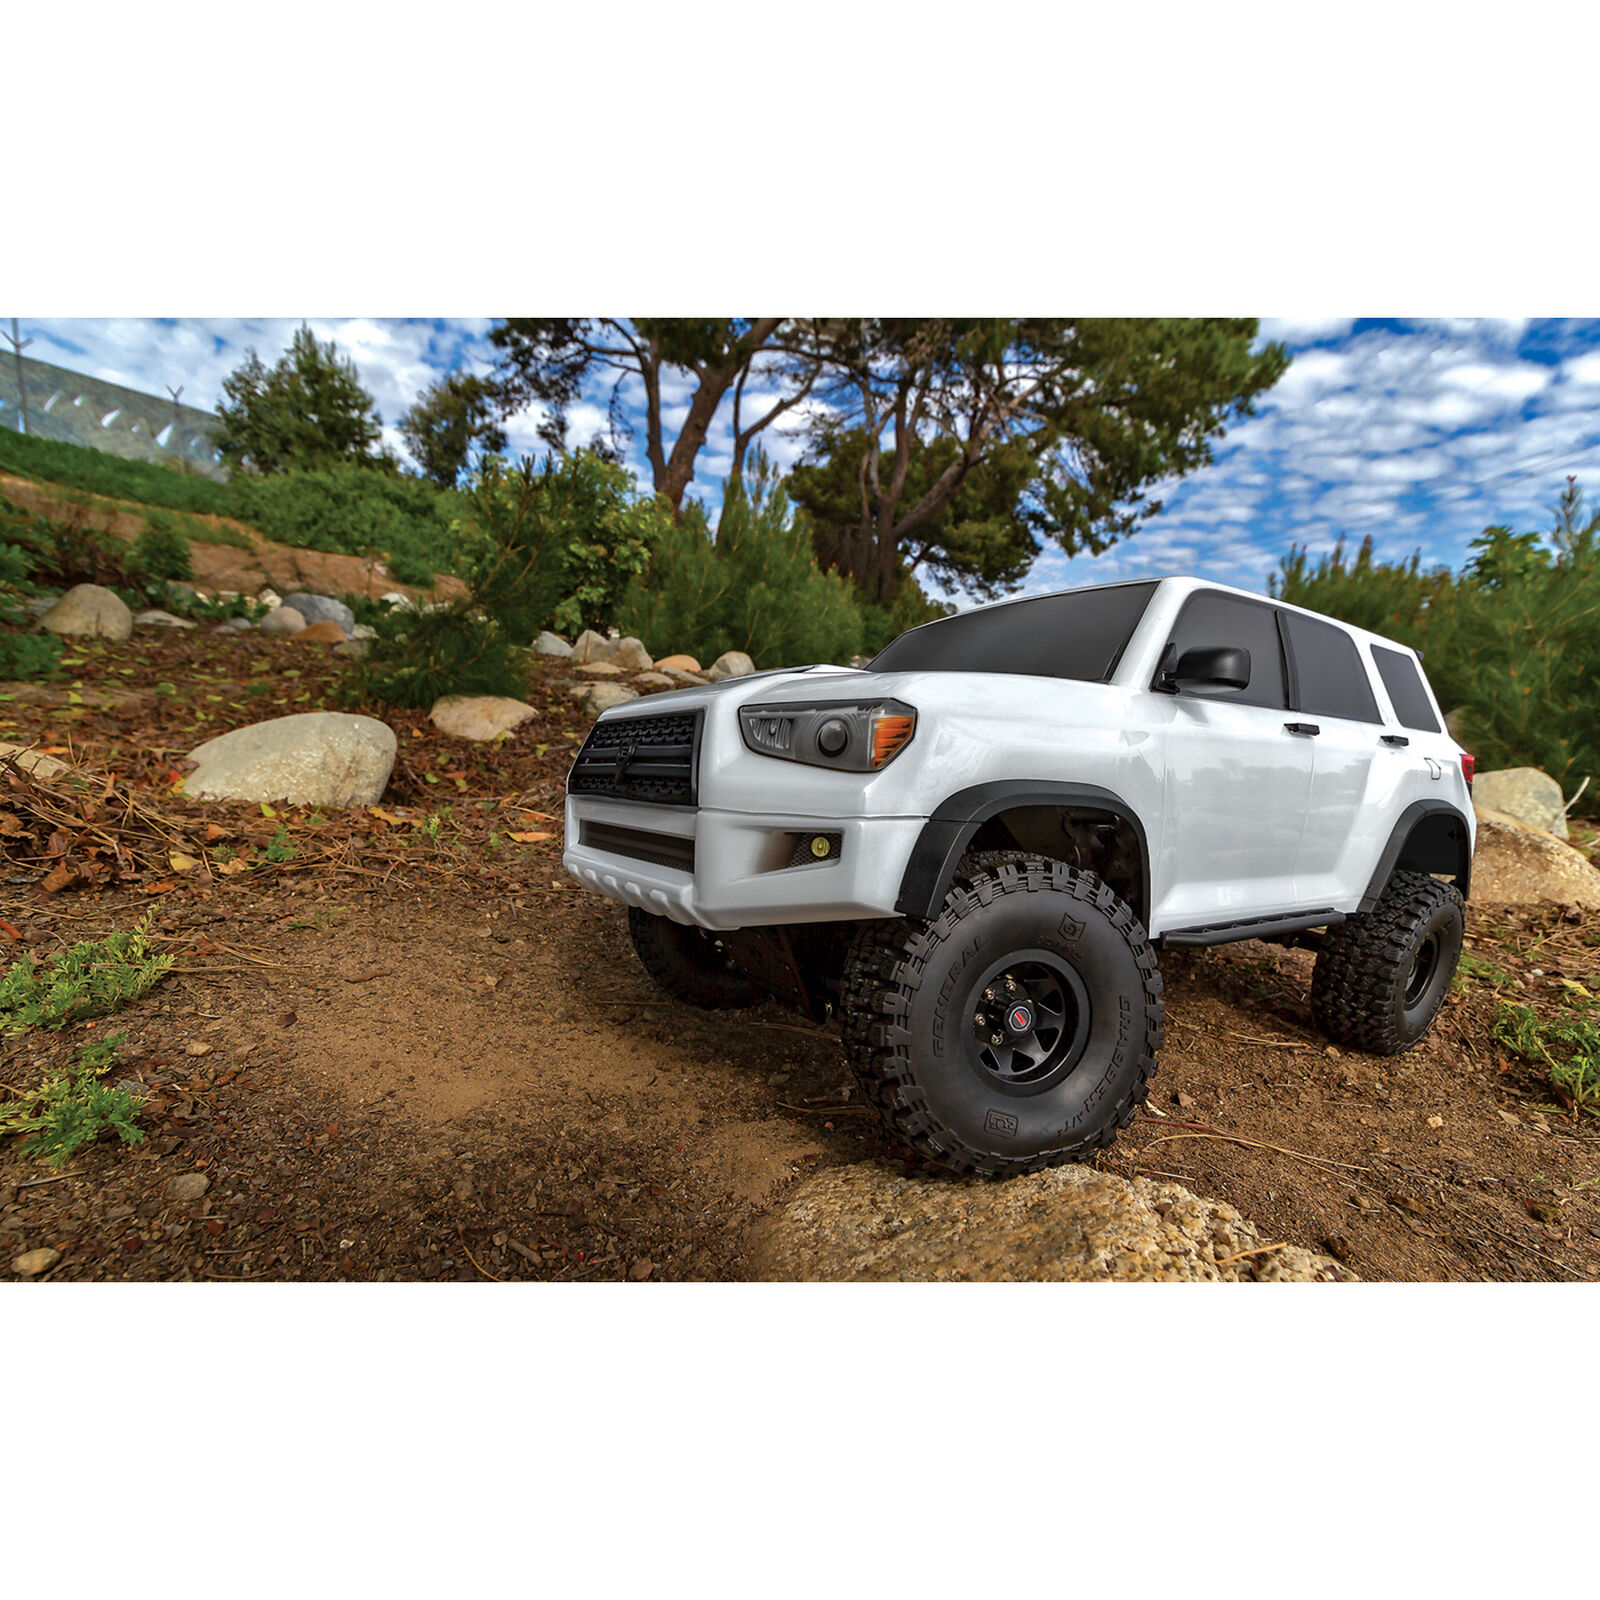 1/10 Enduro Trailrunner 4WD Rock Crawler RTR